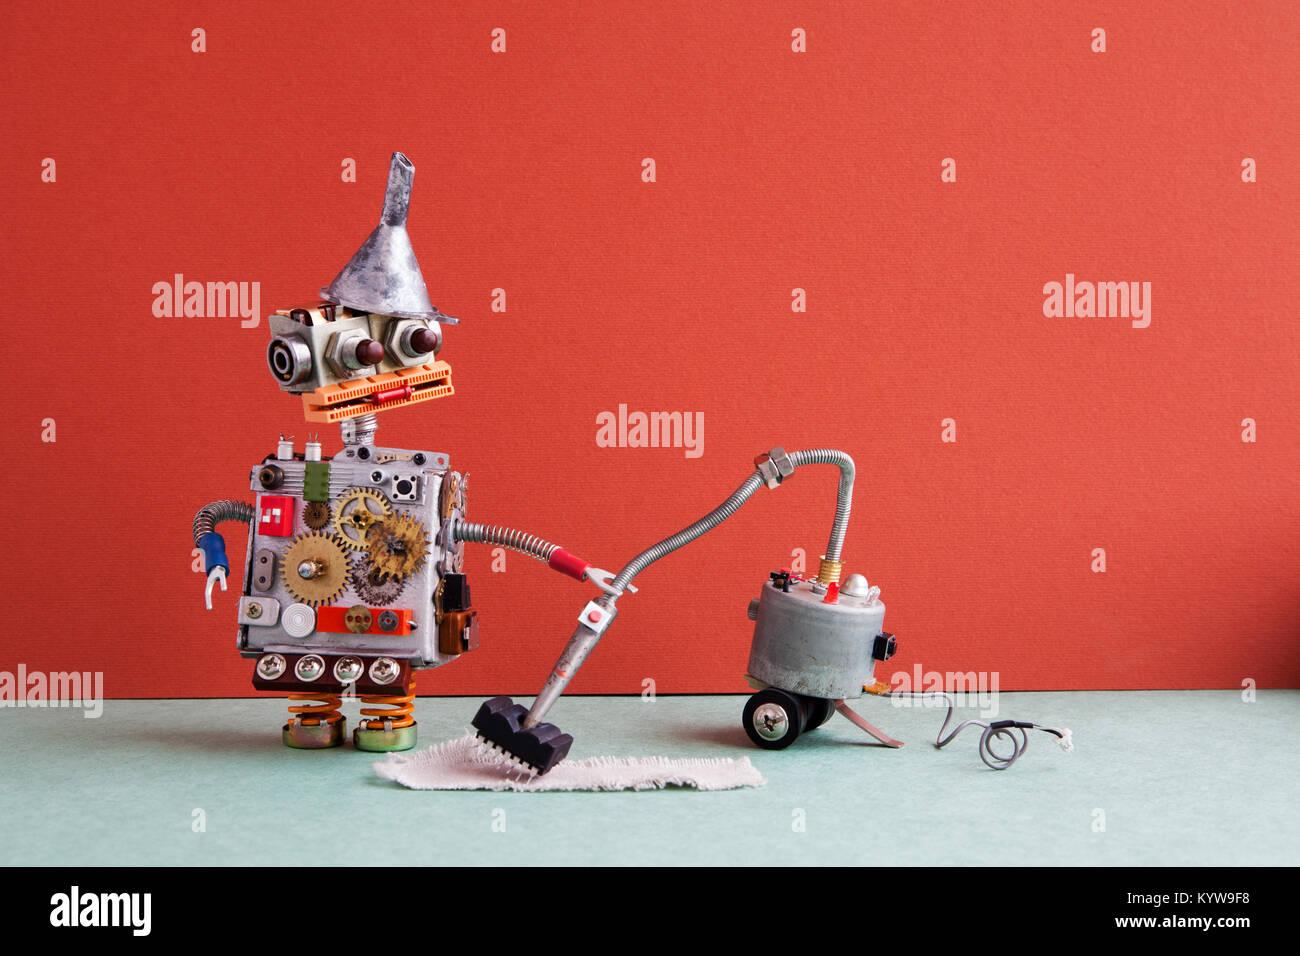 Fußboden Roboter ~ Roboter staubsauger auf holz parkett smart vakuum neue